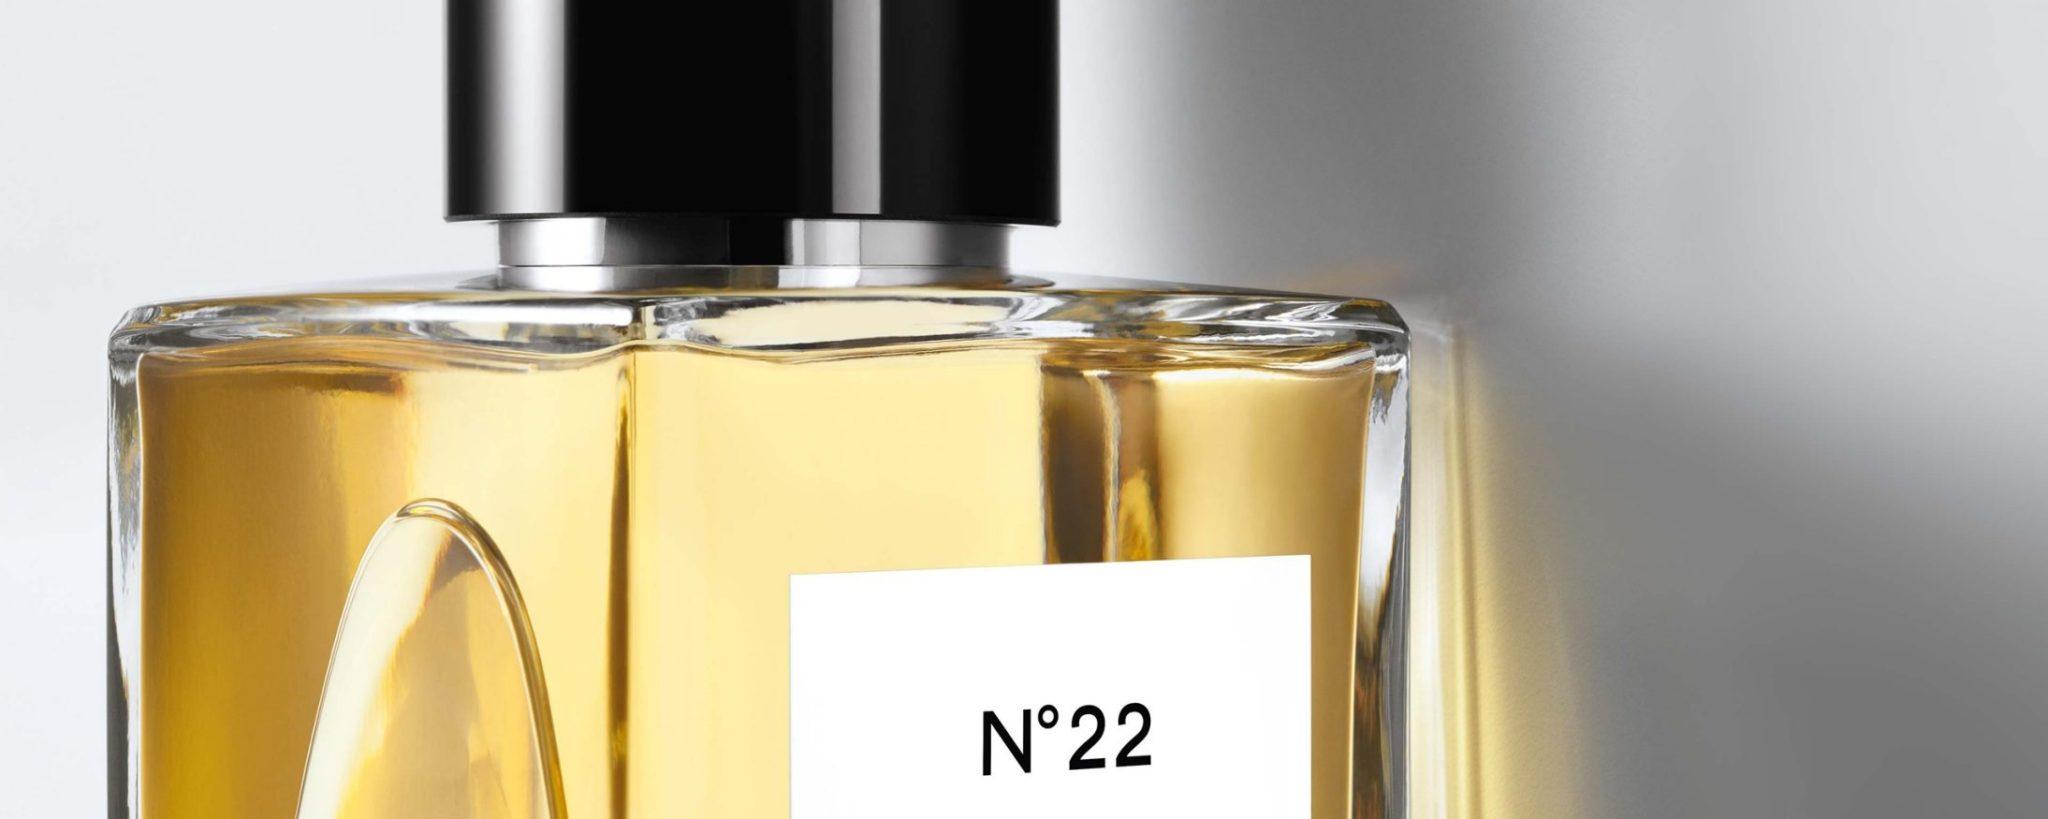 Chanel Les Exclusifs N°22 eau de parfum Esprit de Gabrielle espritdegabrielle.com